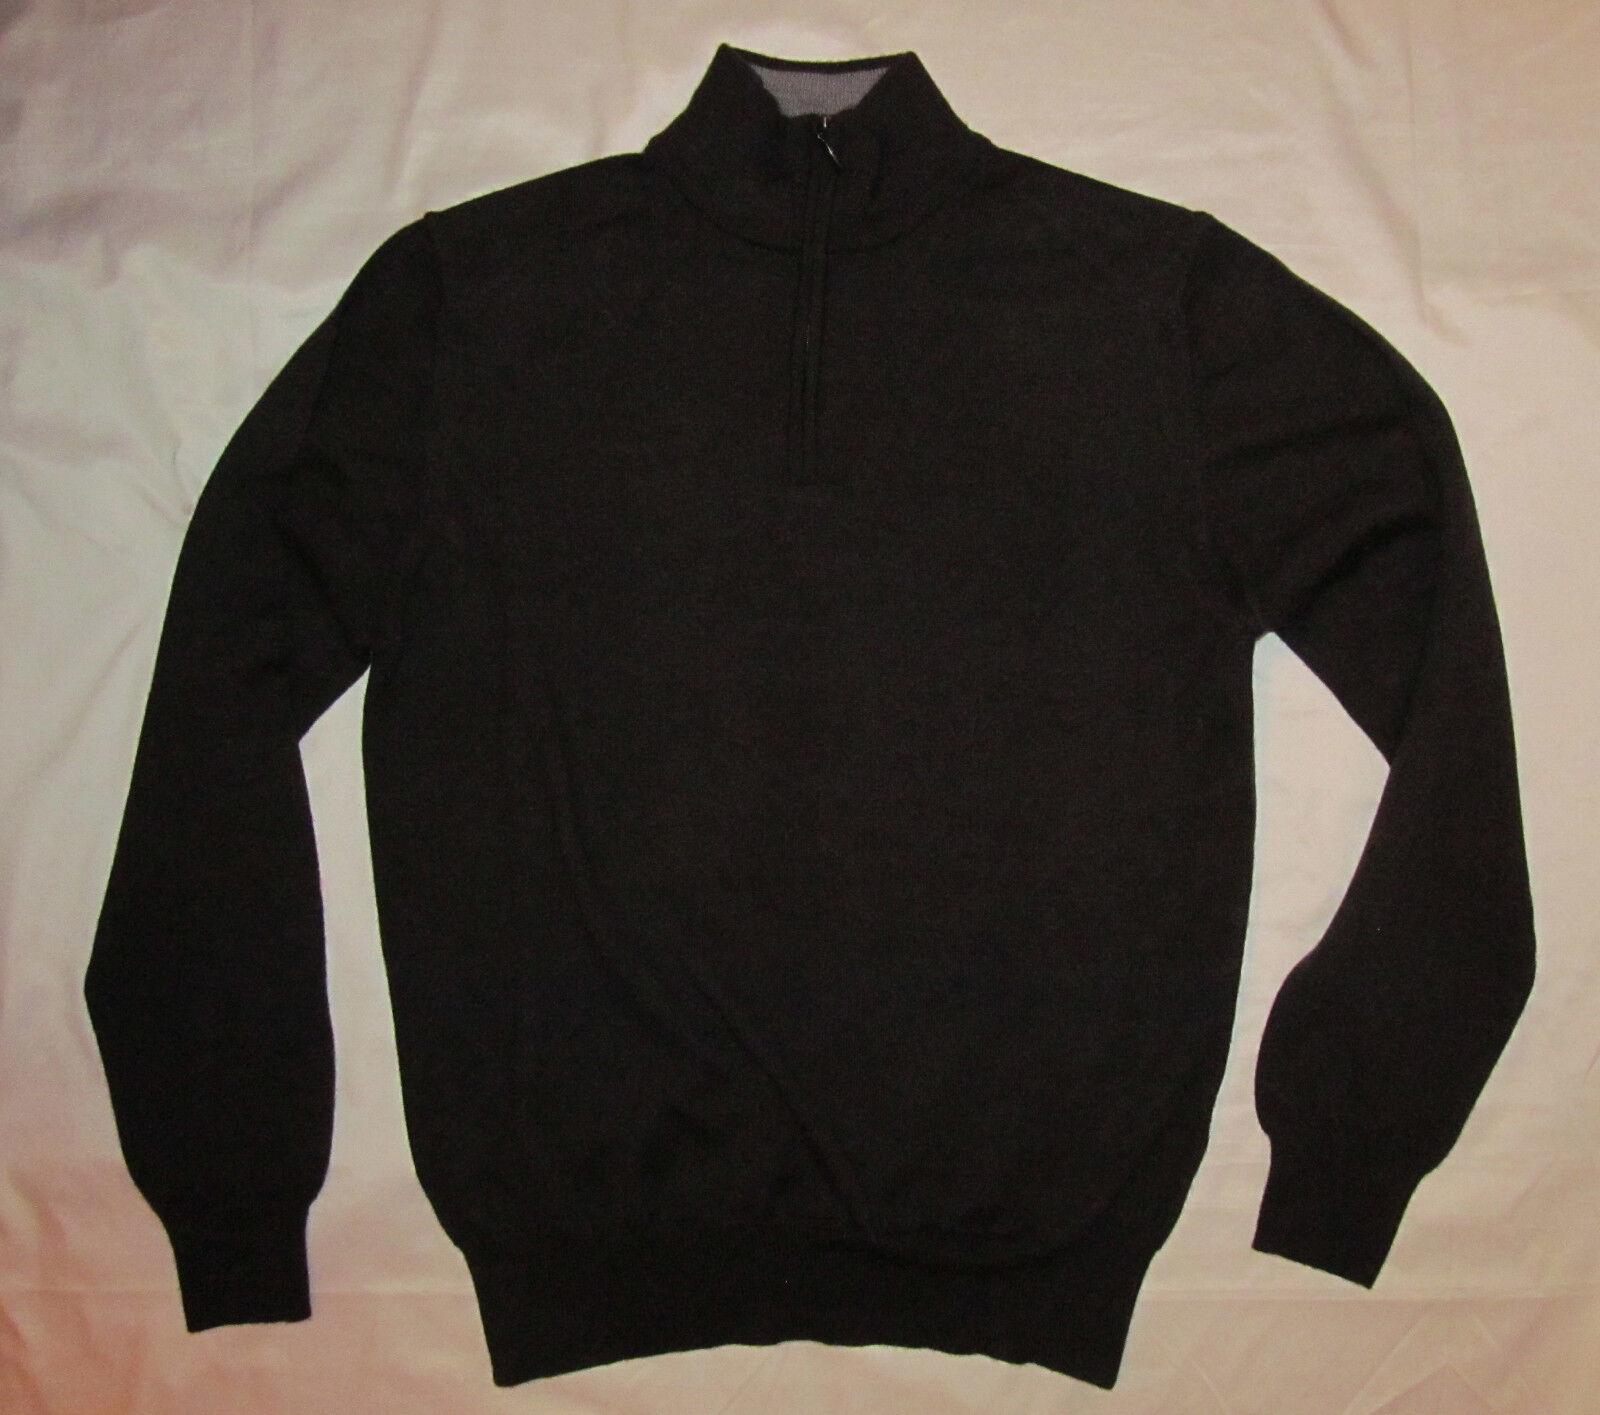 MARCO FIORI dark Braun soft lightweight merino wool 1/4 zip sweater top M ITALY